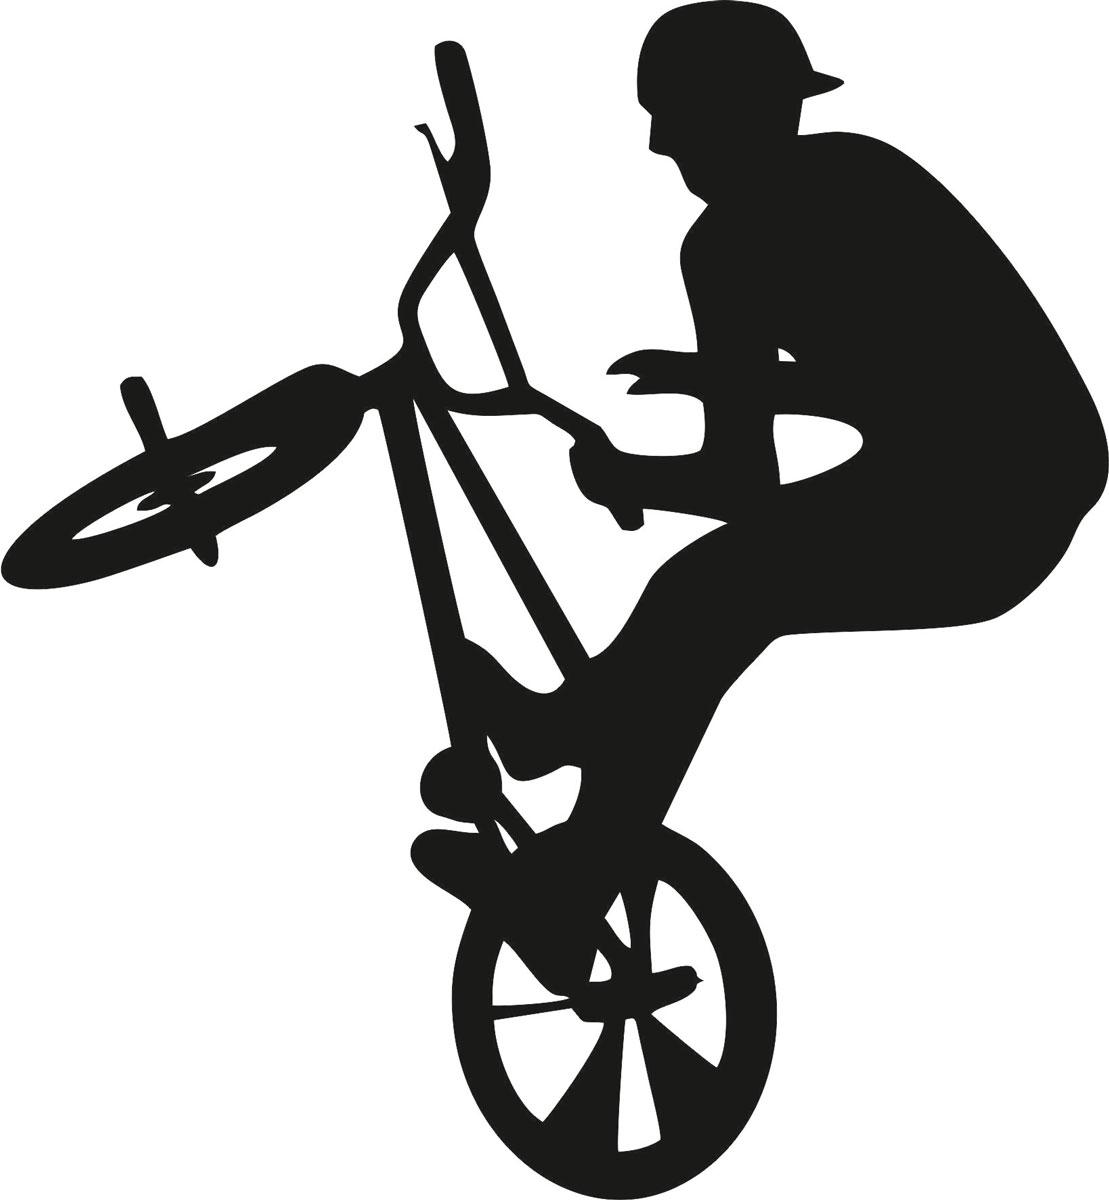 Наклейка автомобильная Оранжевый слоник Велосипедист, виниловая, цвет: черный150SP00029BОригинальная наклейка Оранжевый слоник Велосипедист изготовлена из высококачественной виниловой пленки, которая выполняет не только декоративную функцию, но и защищает кузов автомобиля от небольших механических повреждений, либо скрывает уже существующие. Виниловые наклейки на автомобиль - это не только красиво, но еще и быстро! Всего за несколько минут вы можете полностью преобразить свой автомобиль, сделать его ярким, необычным, особенным и неповторимым!